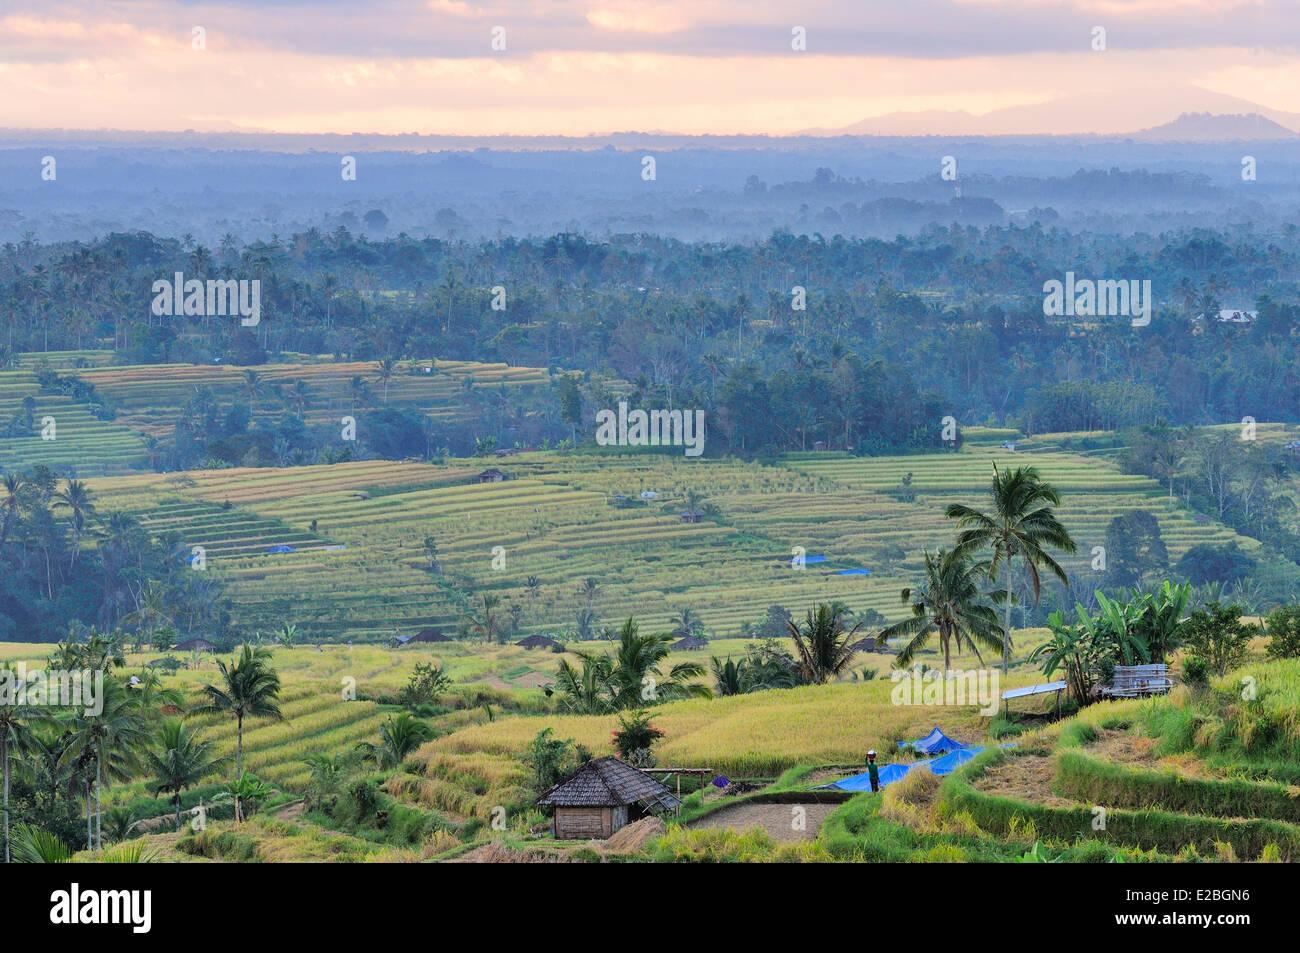 L'INDONÉSIE, Bali, les rizières de Jatiluwih, le système subak, inscrite au Patrimoine Mondial Photo Stock